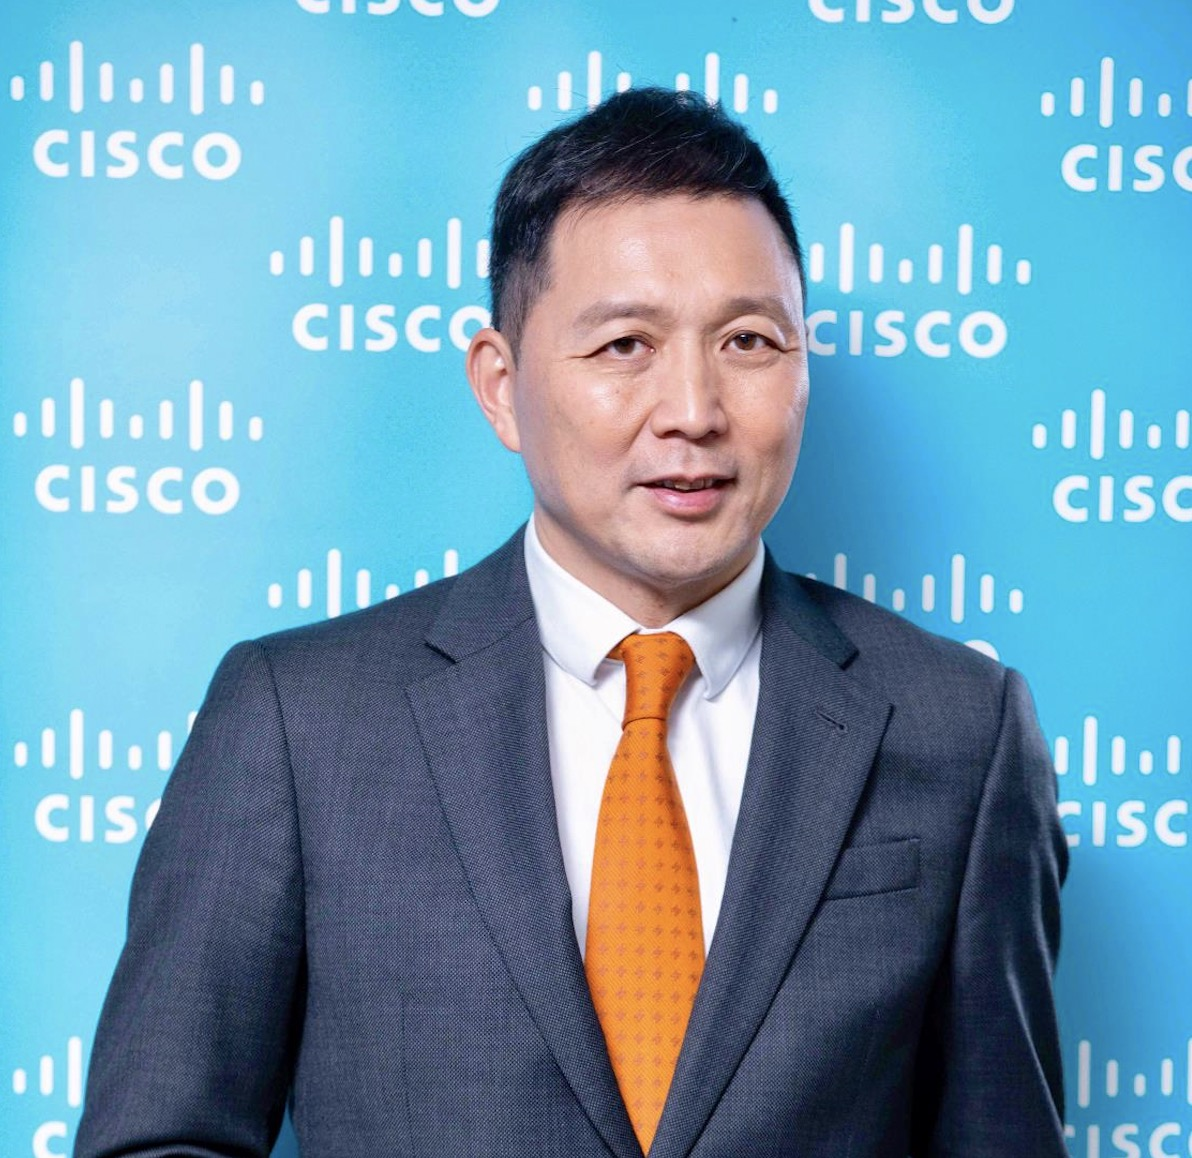 思科助力中国中小企业业务可持续发展,为其解决IT的后顾之忧